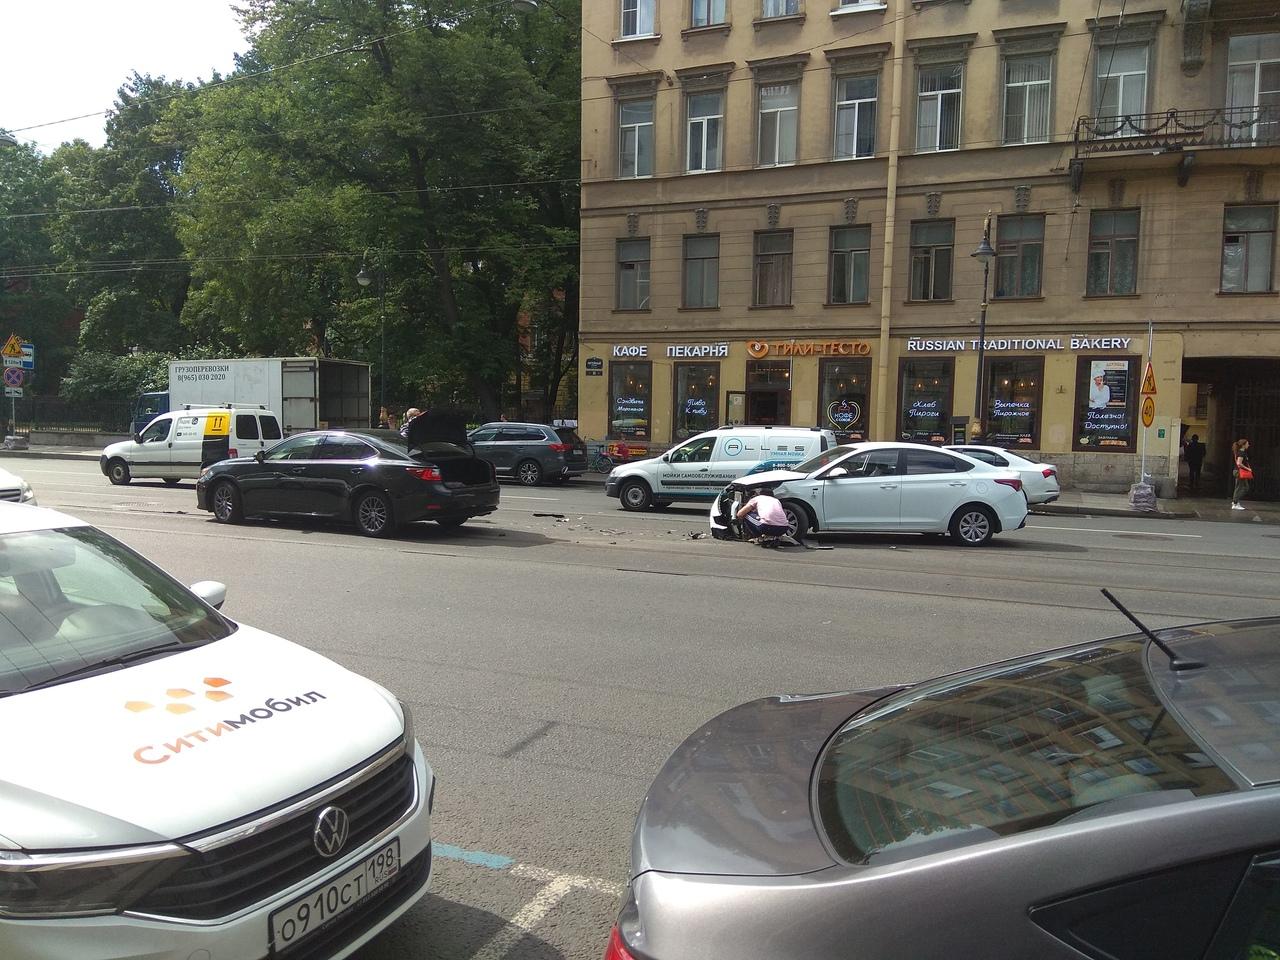 На Литейном 35 Solaris пошёл на разворот не с трамвайных путей, а по ним сзади ехал Lexus